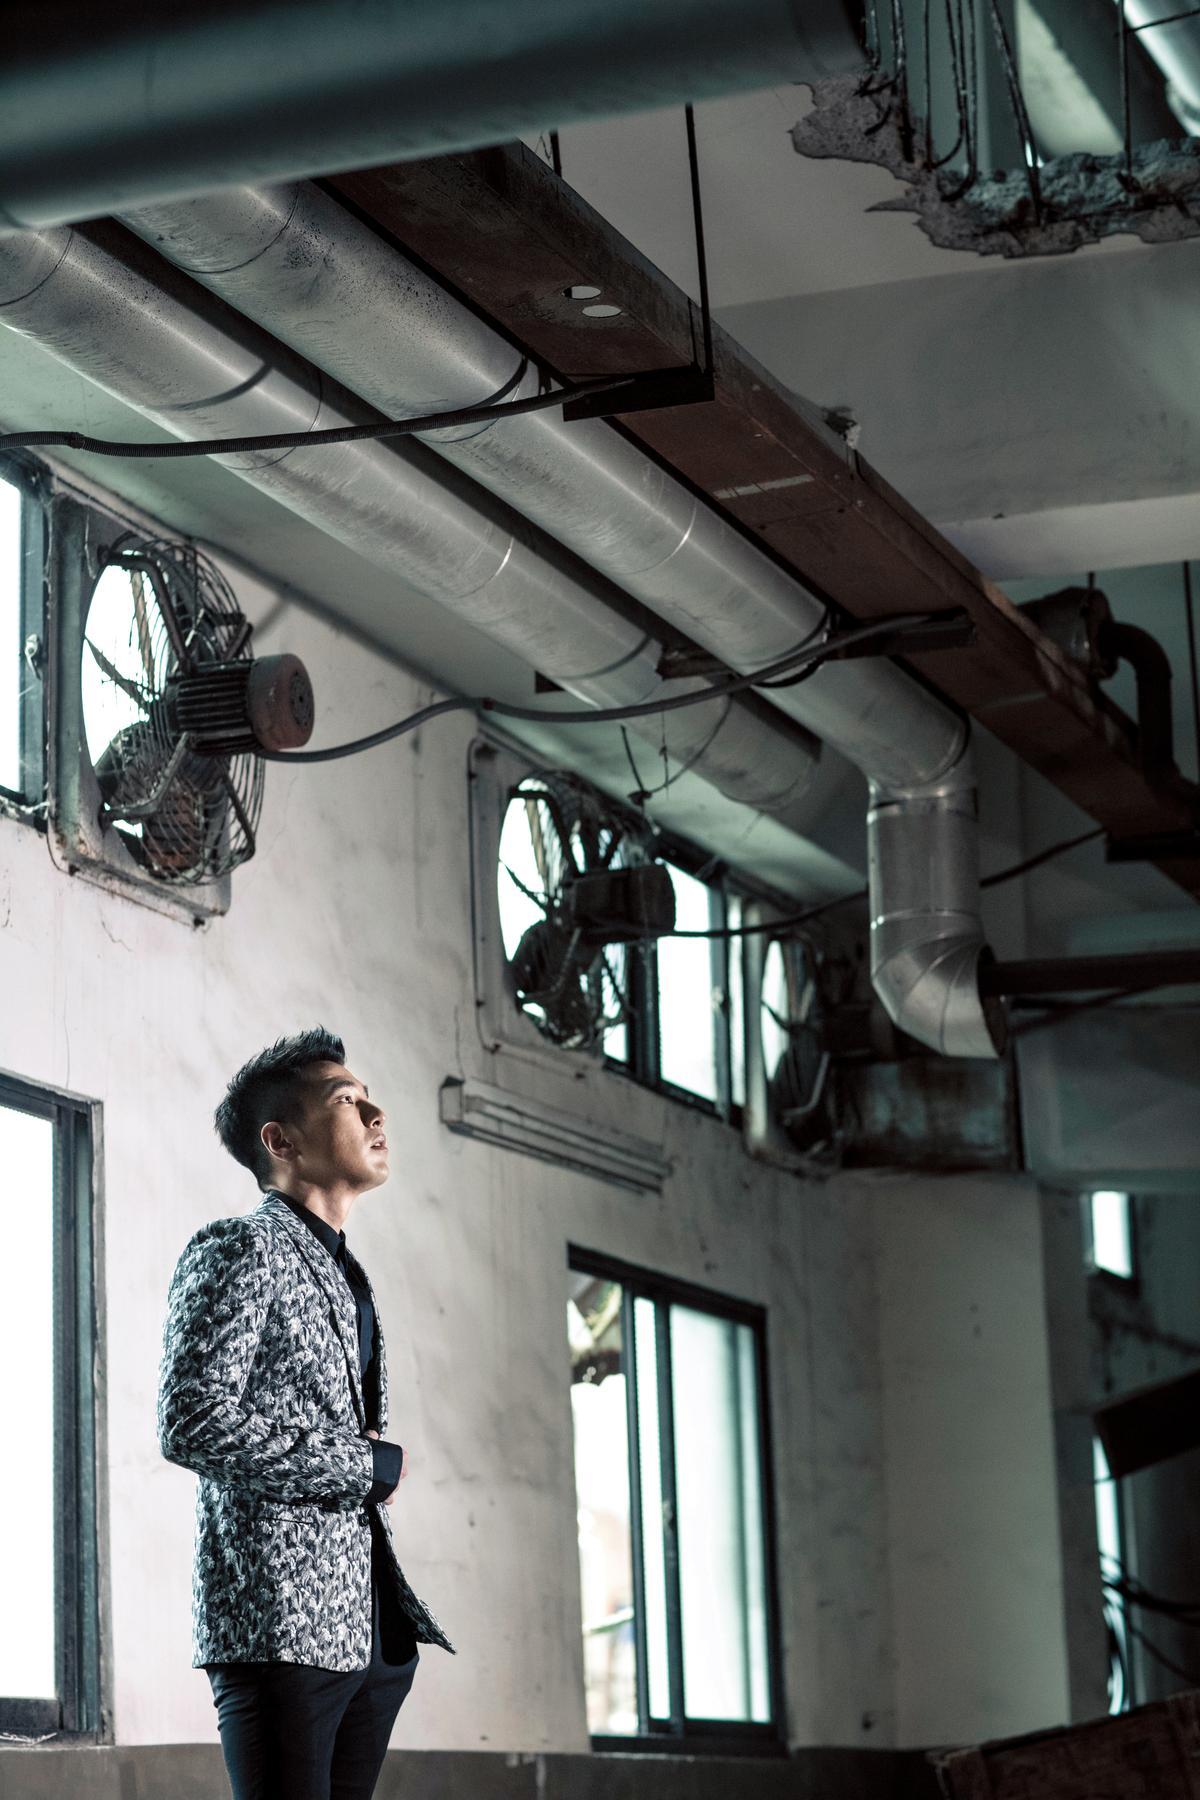 對於正面能量的過度偏執,反而讓趙又廷有種接近旁門左道的樂趣。